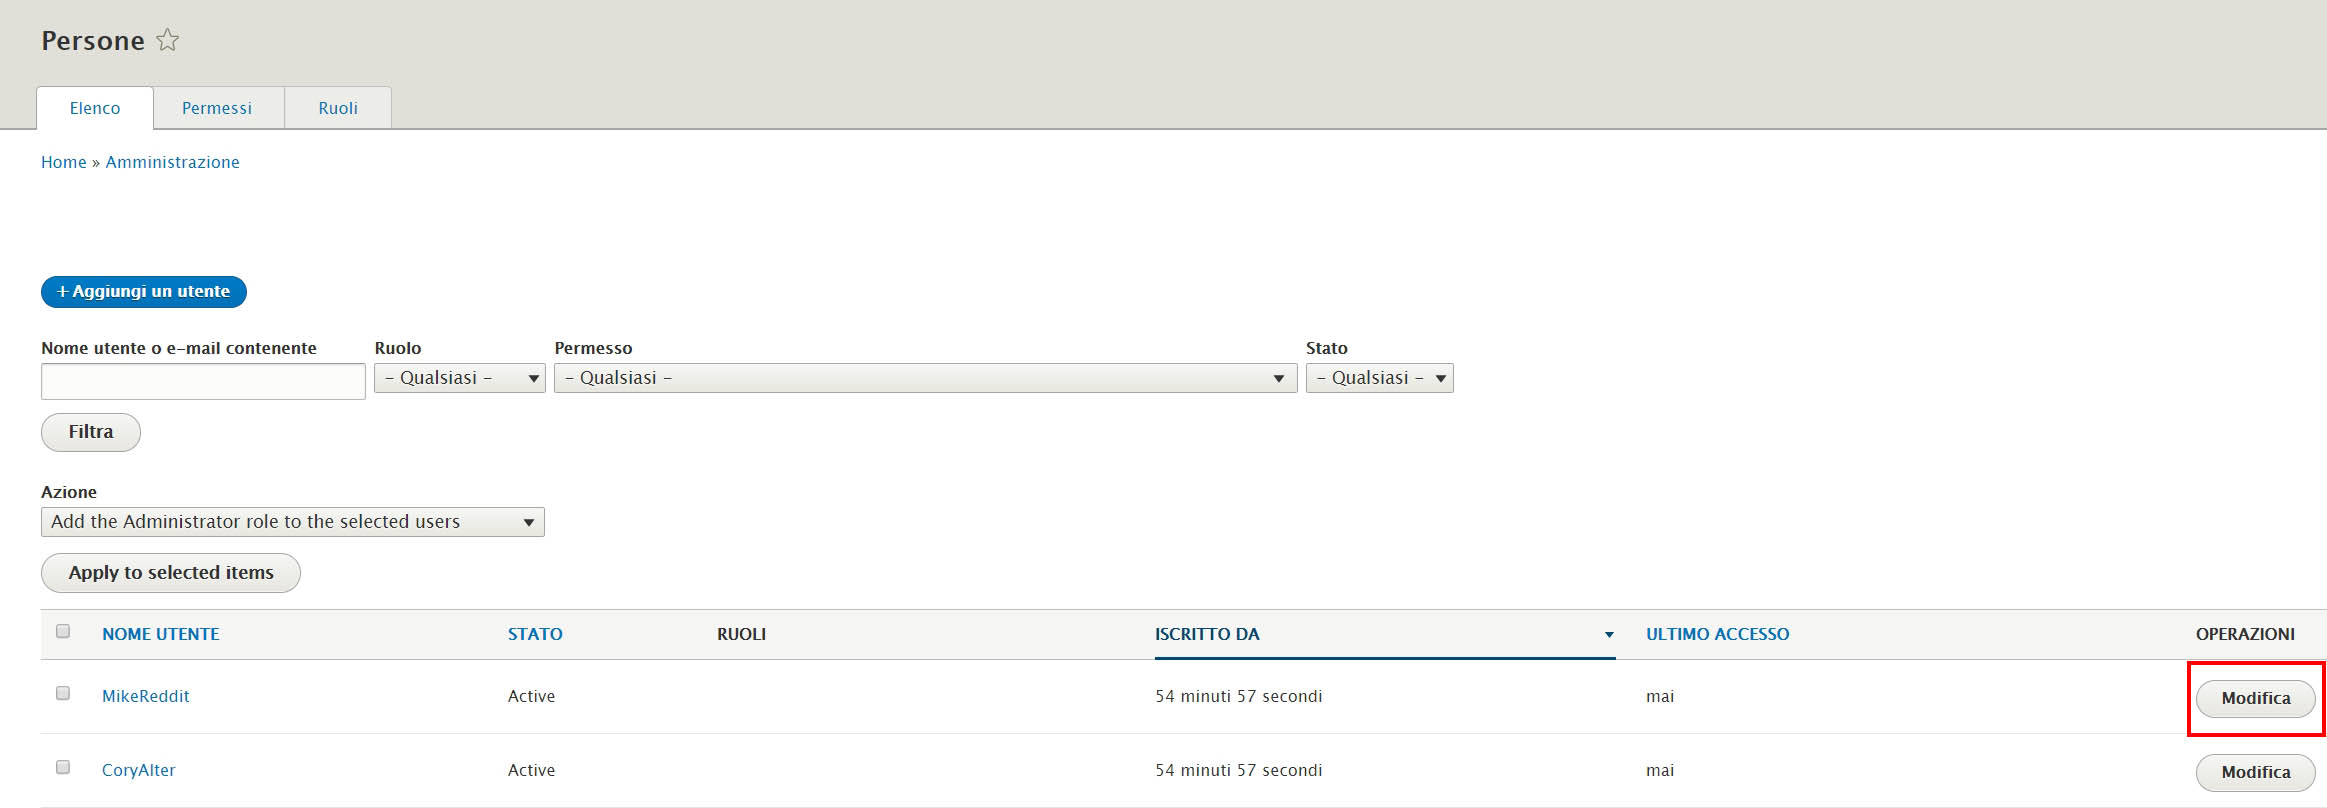 Drupal: gestire permessi e ruoli degli utenti